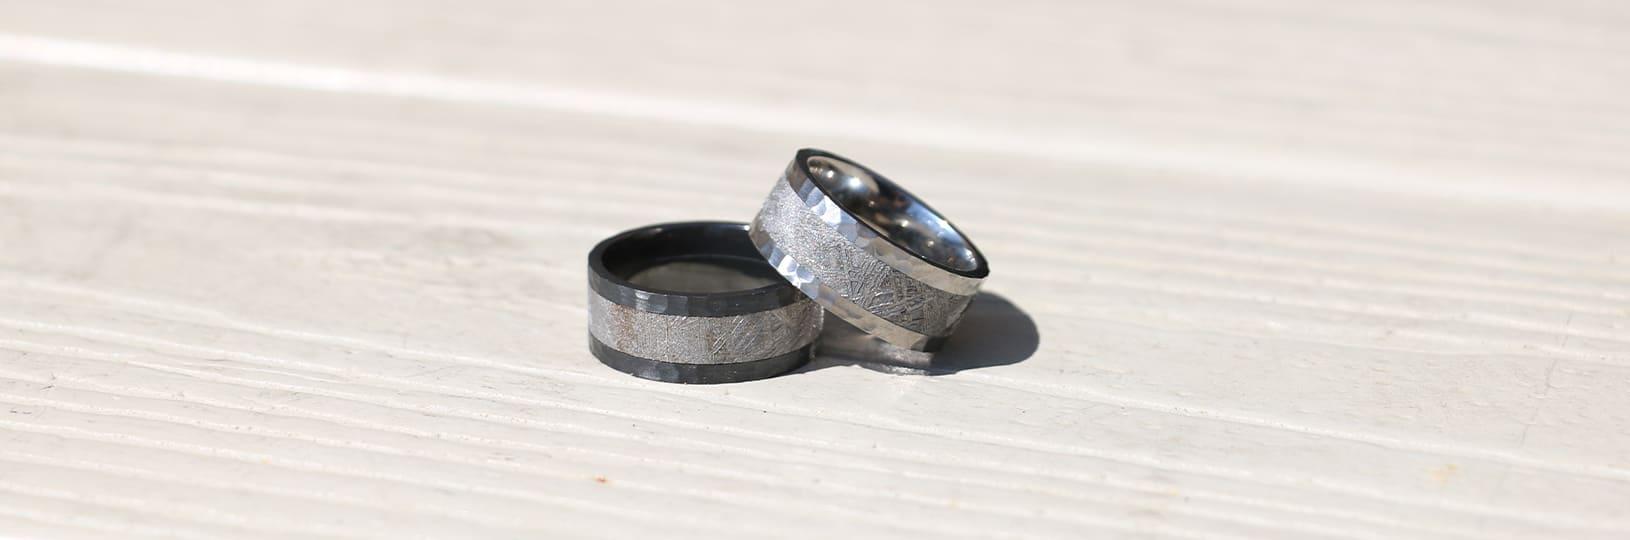 Men's modern wedding rings